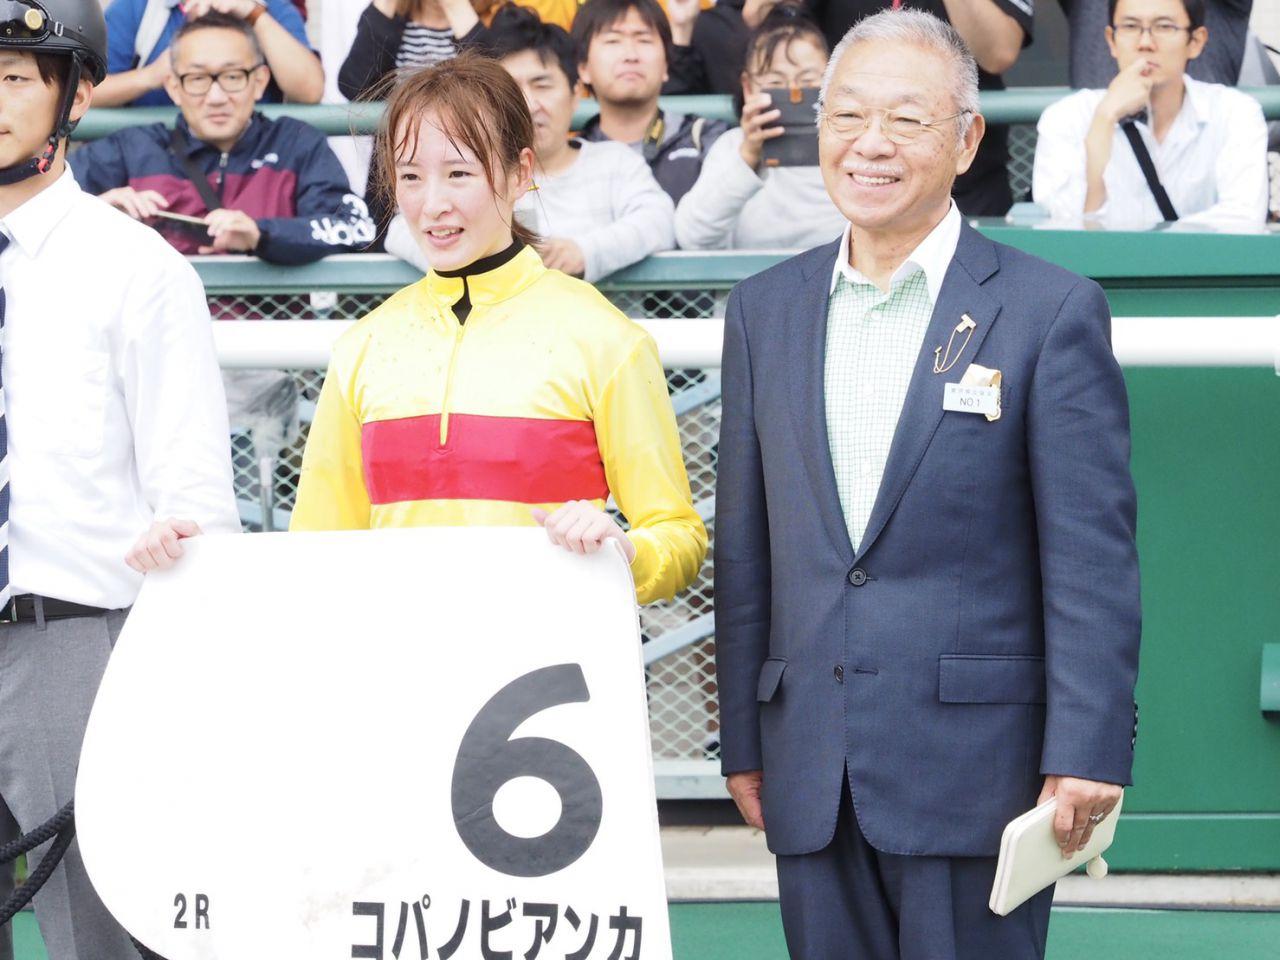 【福島2R】菜七子「距離合ってる」藤田菜七子が凱旋V!コパノビアンカで快勝!